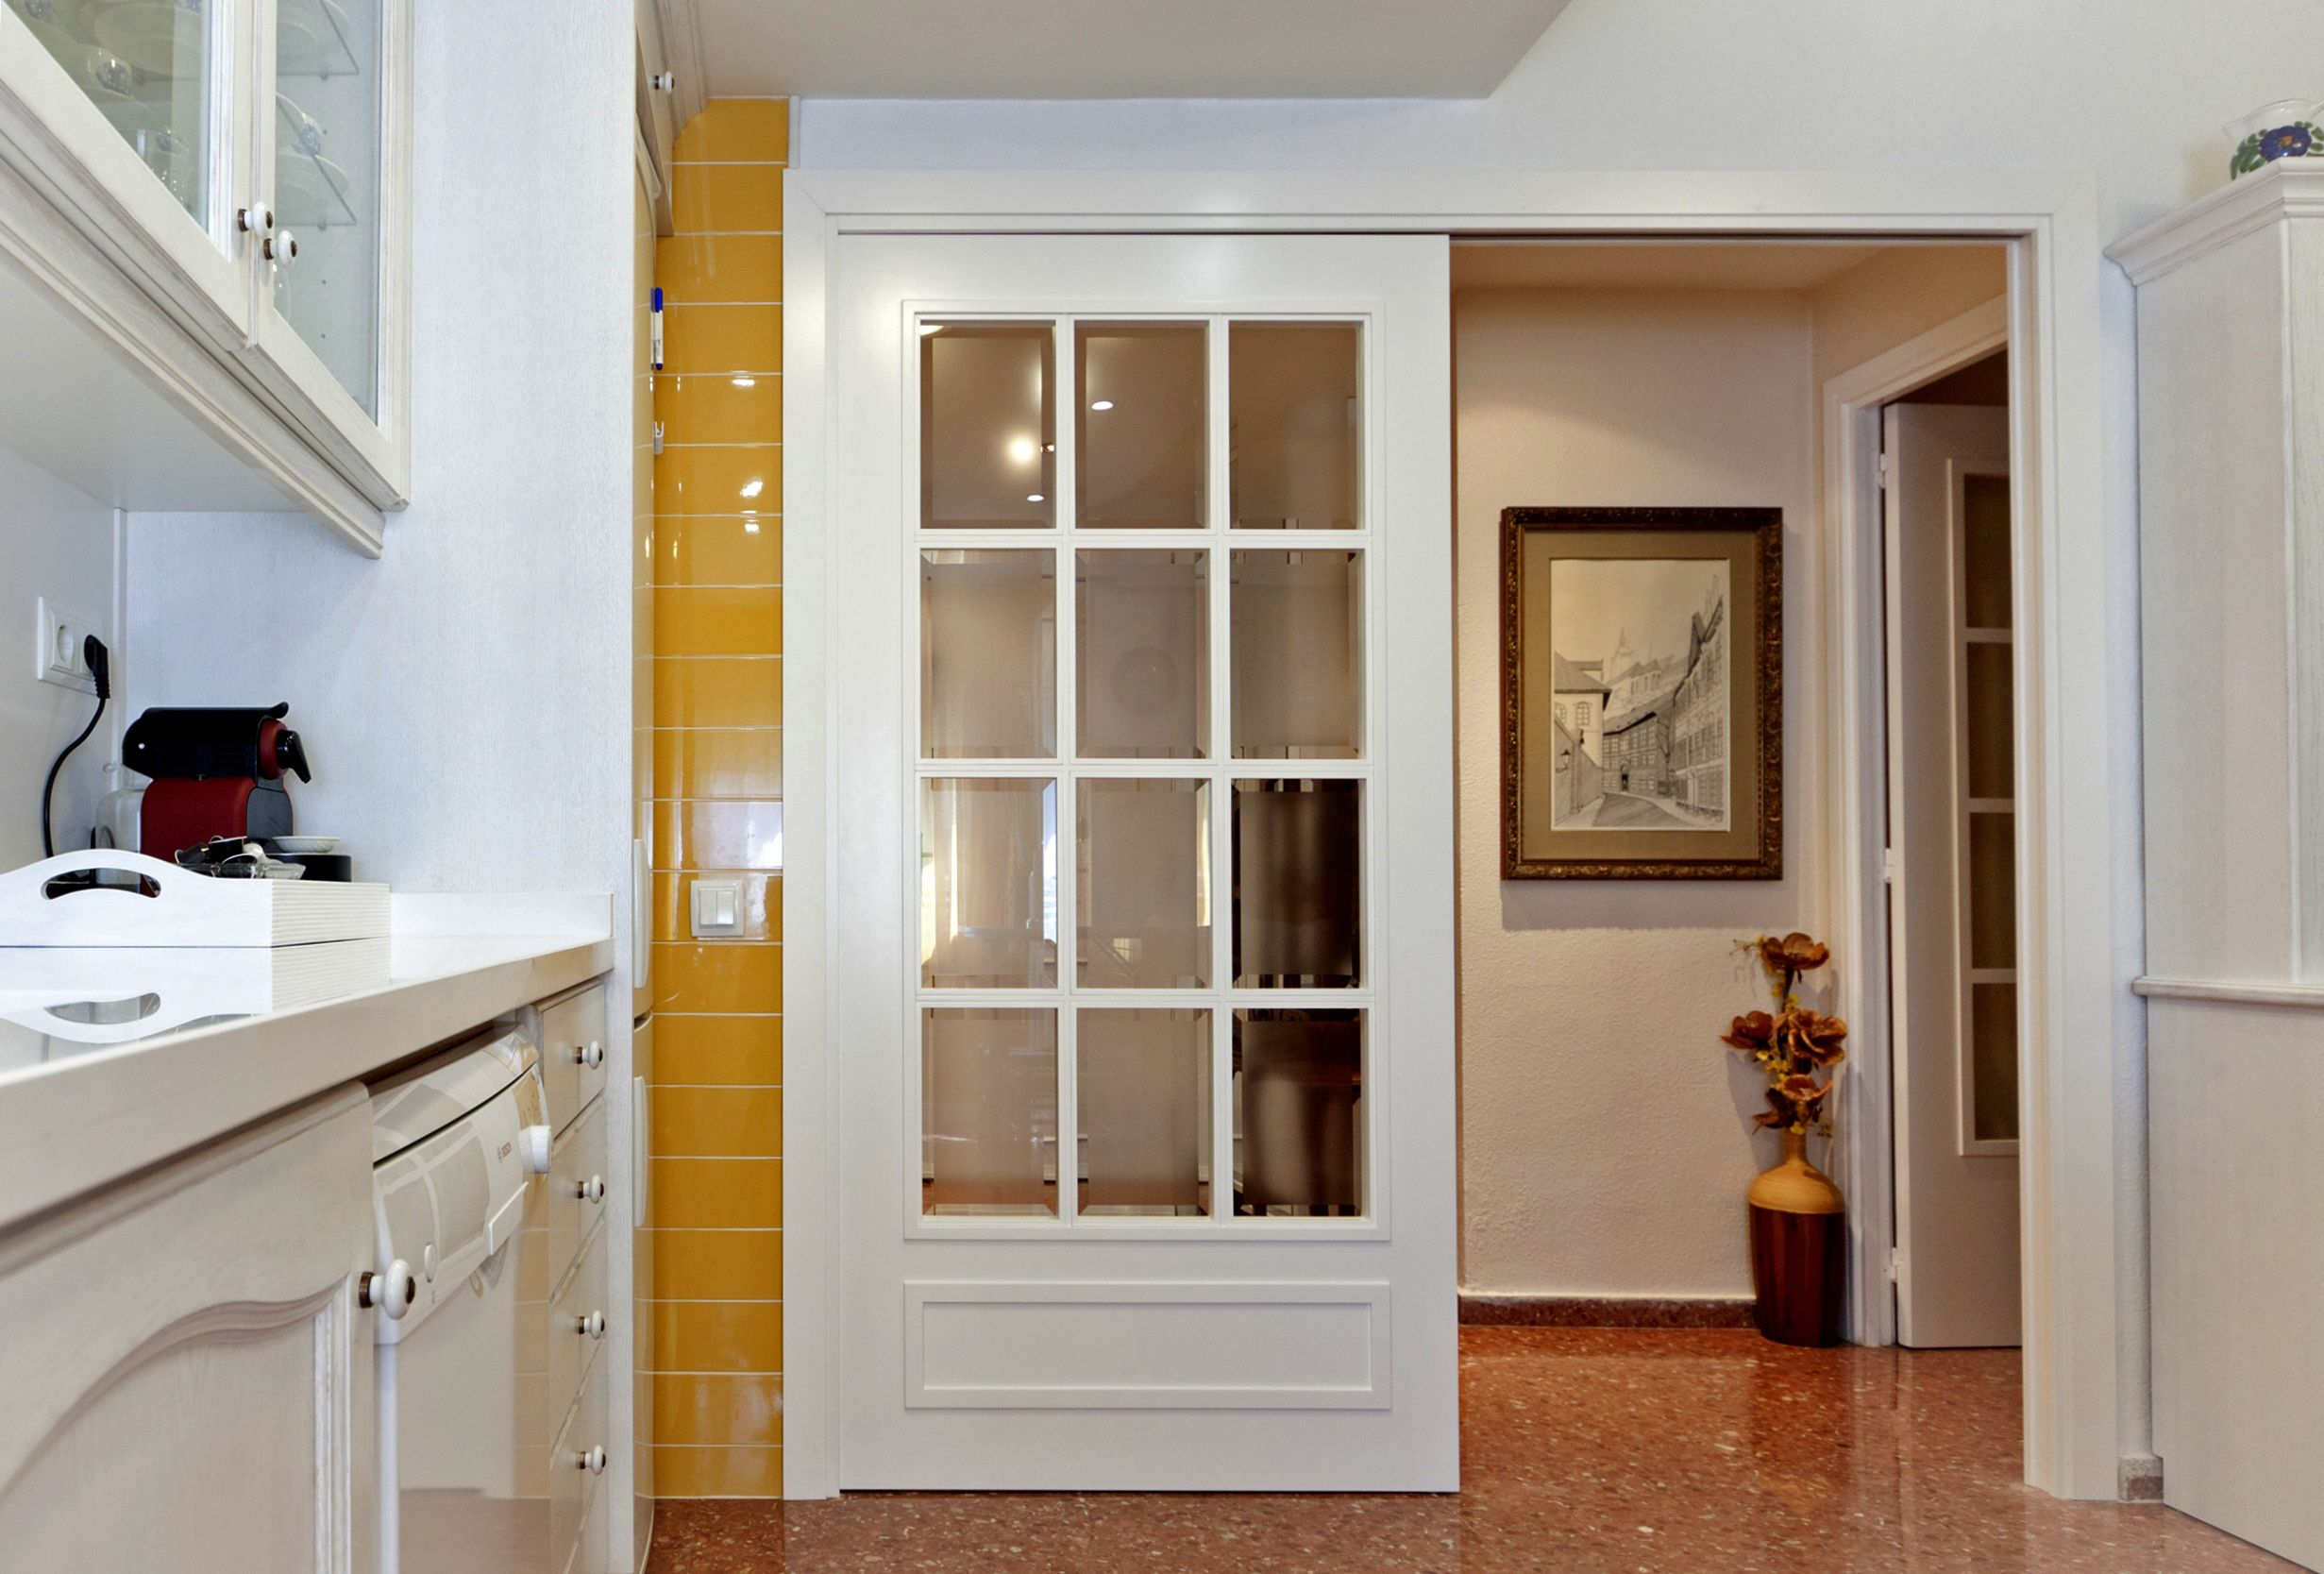 Puerta corredera blanca en concepto separador de ambientes - Puerta corredera cocina ...